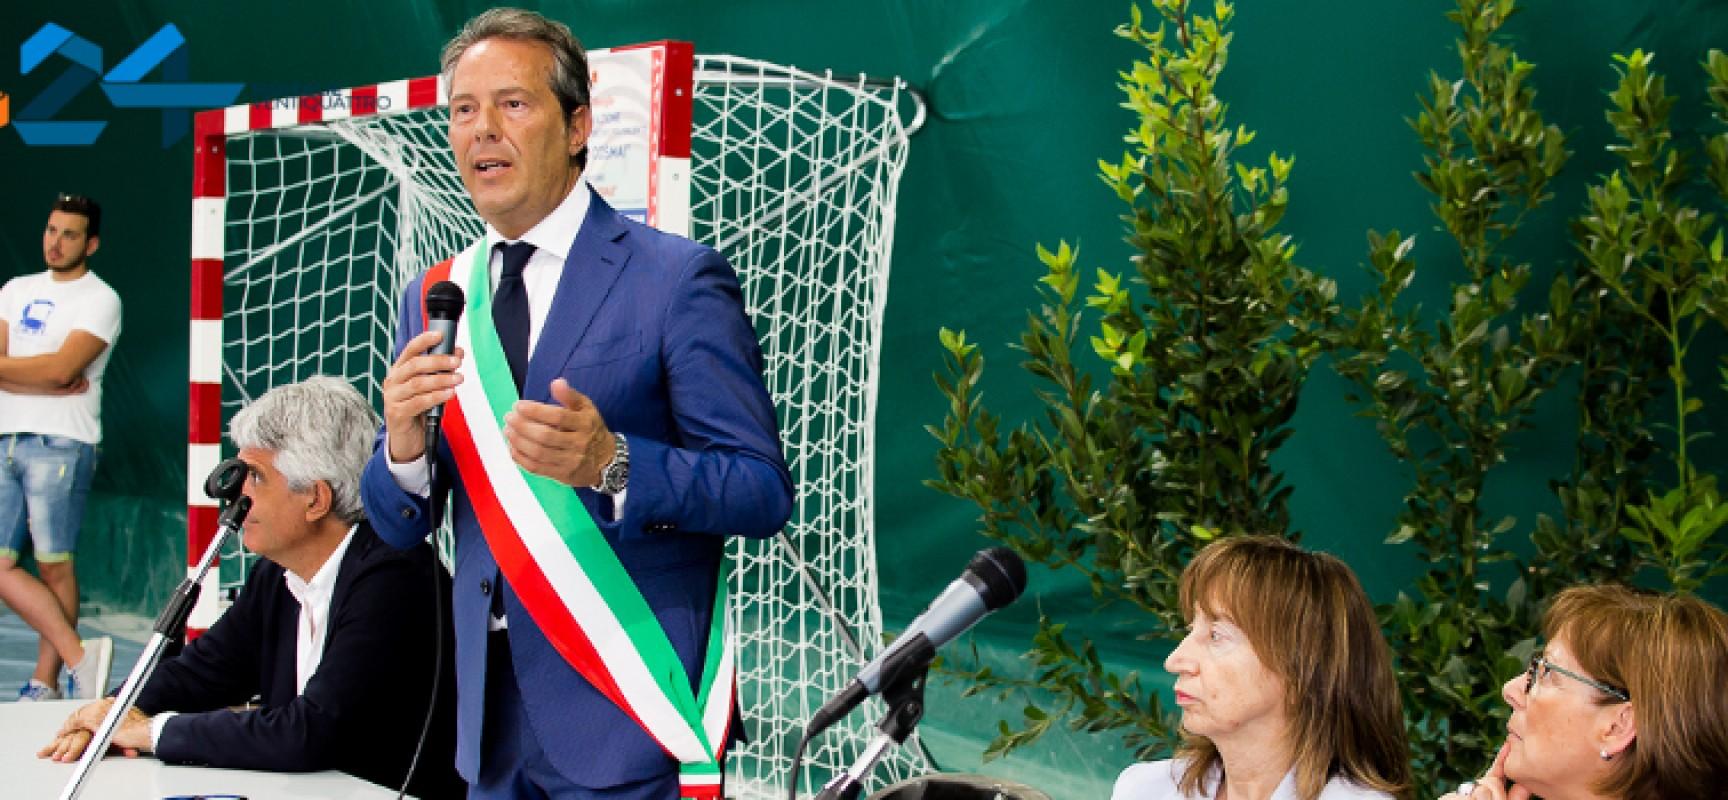 Inaugurato il Polivalente Sergio Cosmai, nuovo punto di riferimento per lo sport cittadino/FOTO